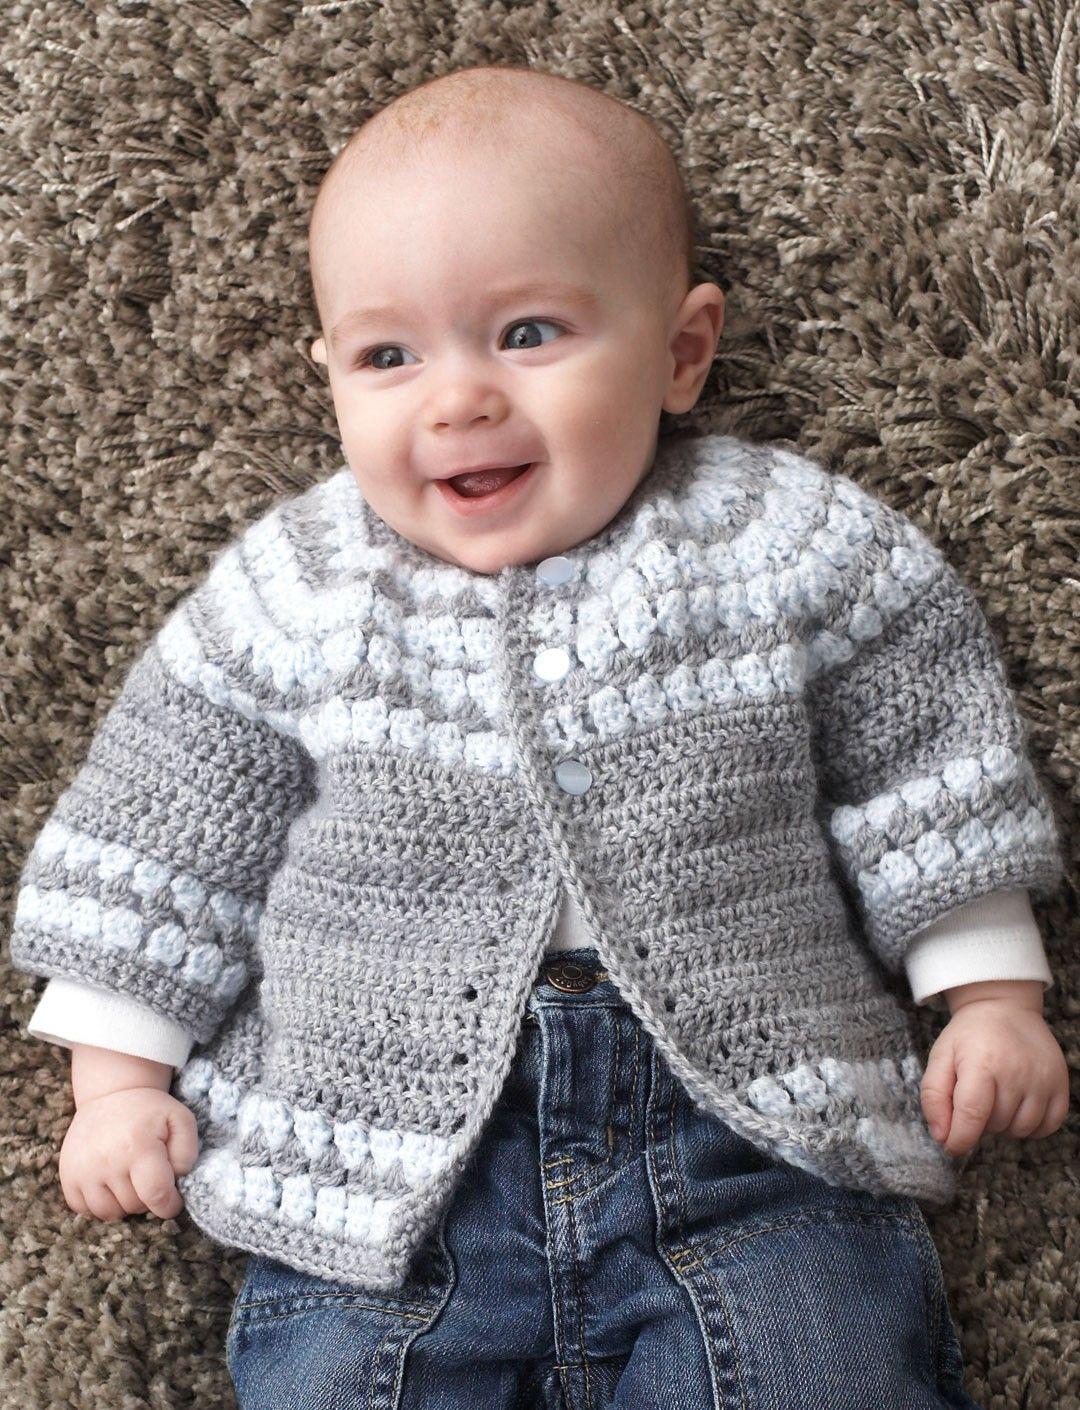 Cluster yoke cardigan free crochet pattern hookie heaven cluster yoke cardigan free crochet pattern bankloansurffo Images